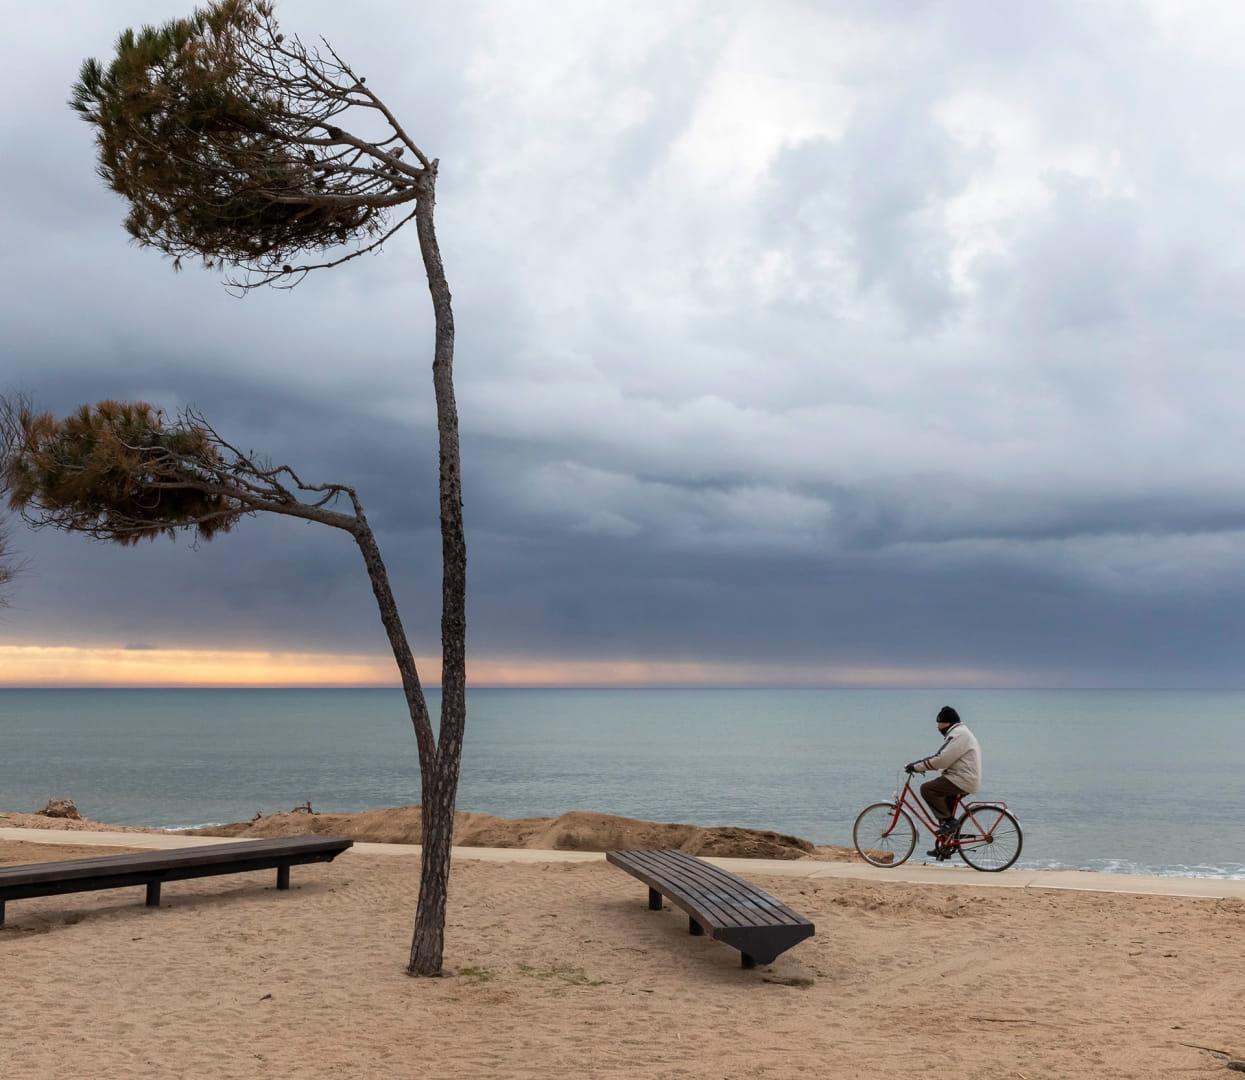 En bici bora el mar